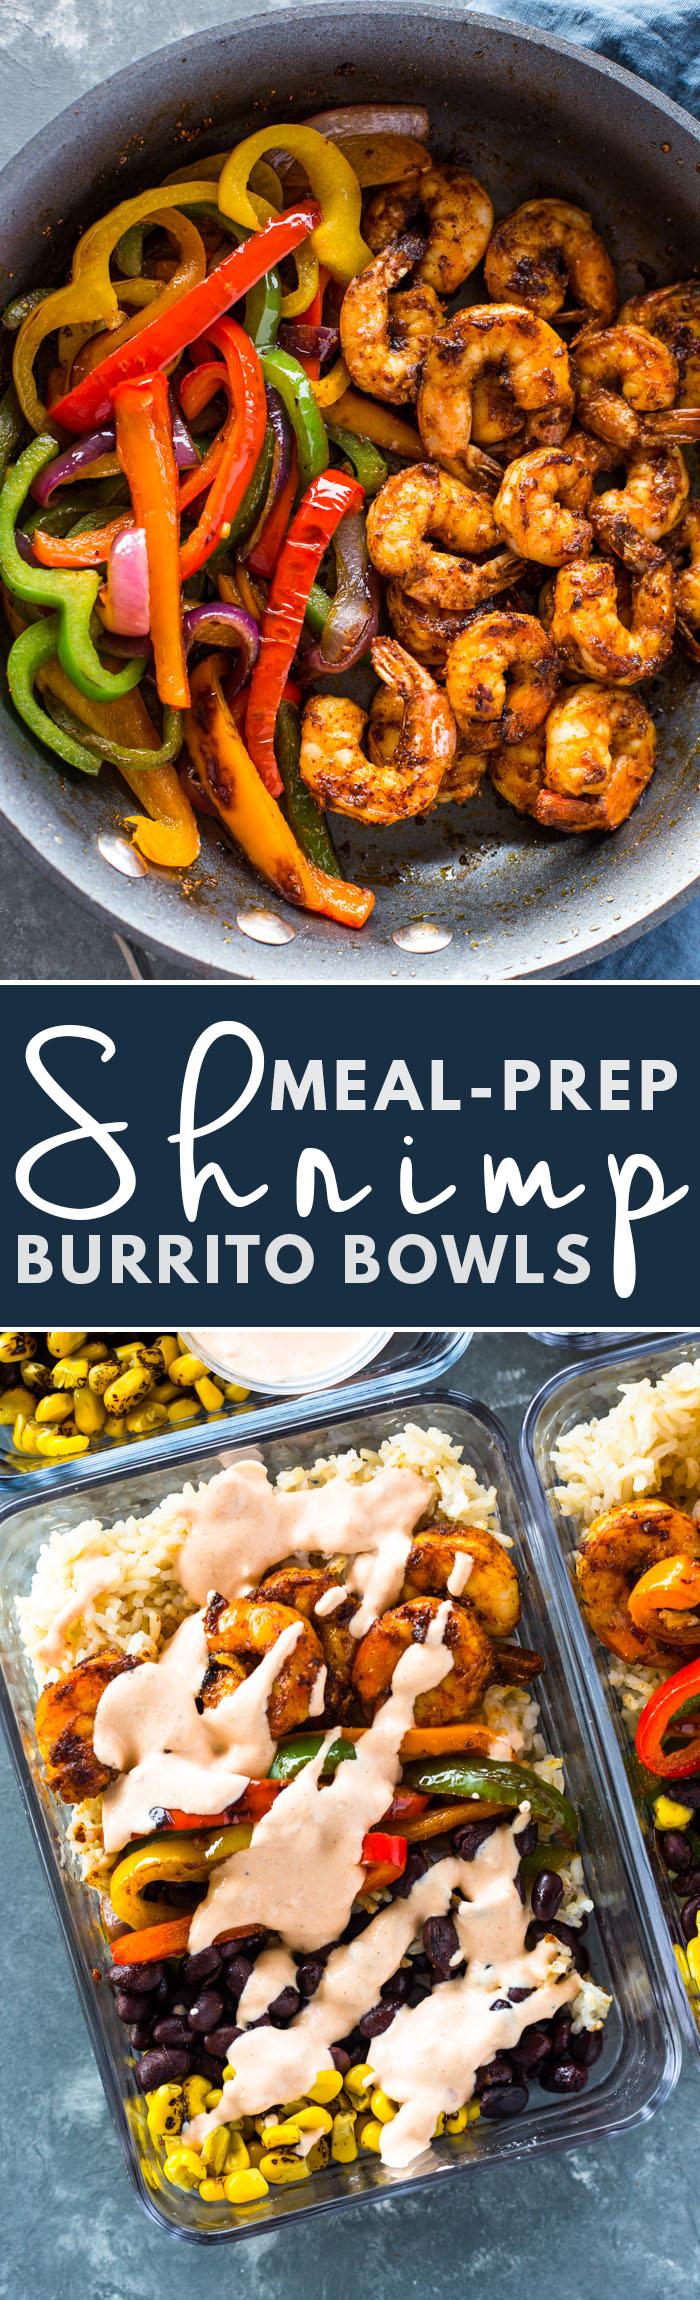 Meal-Prep Shrimp Burrito Bowls